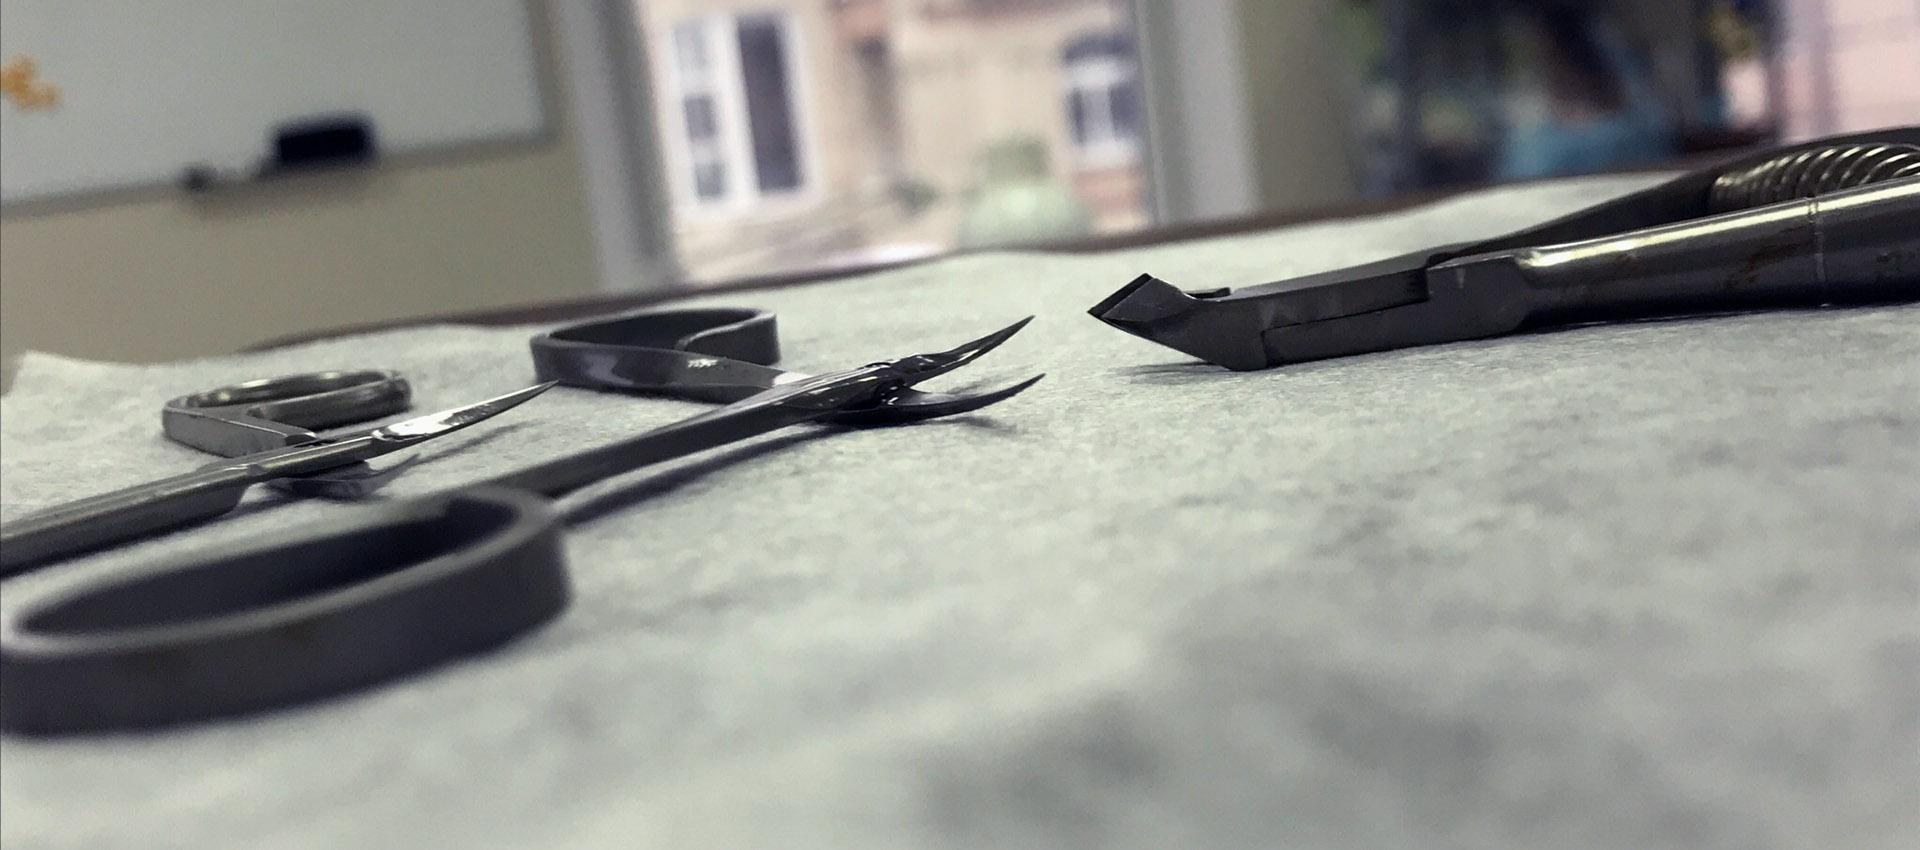 5 важных пунктов для начинающего мастера маникюра — статьи на LesNails